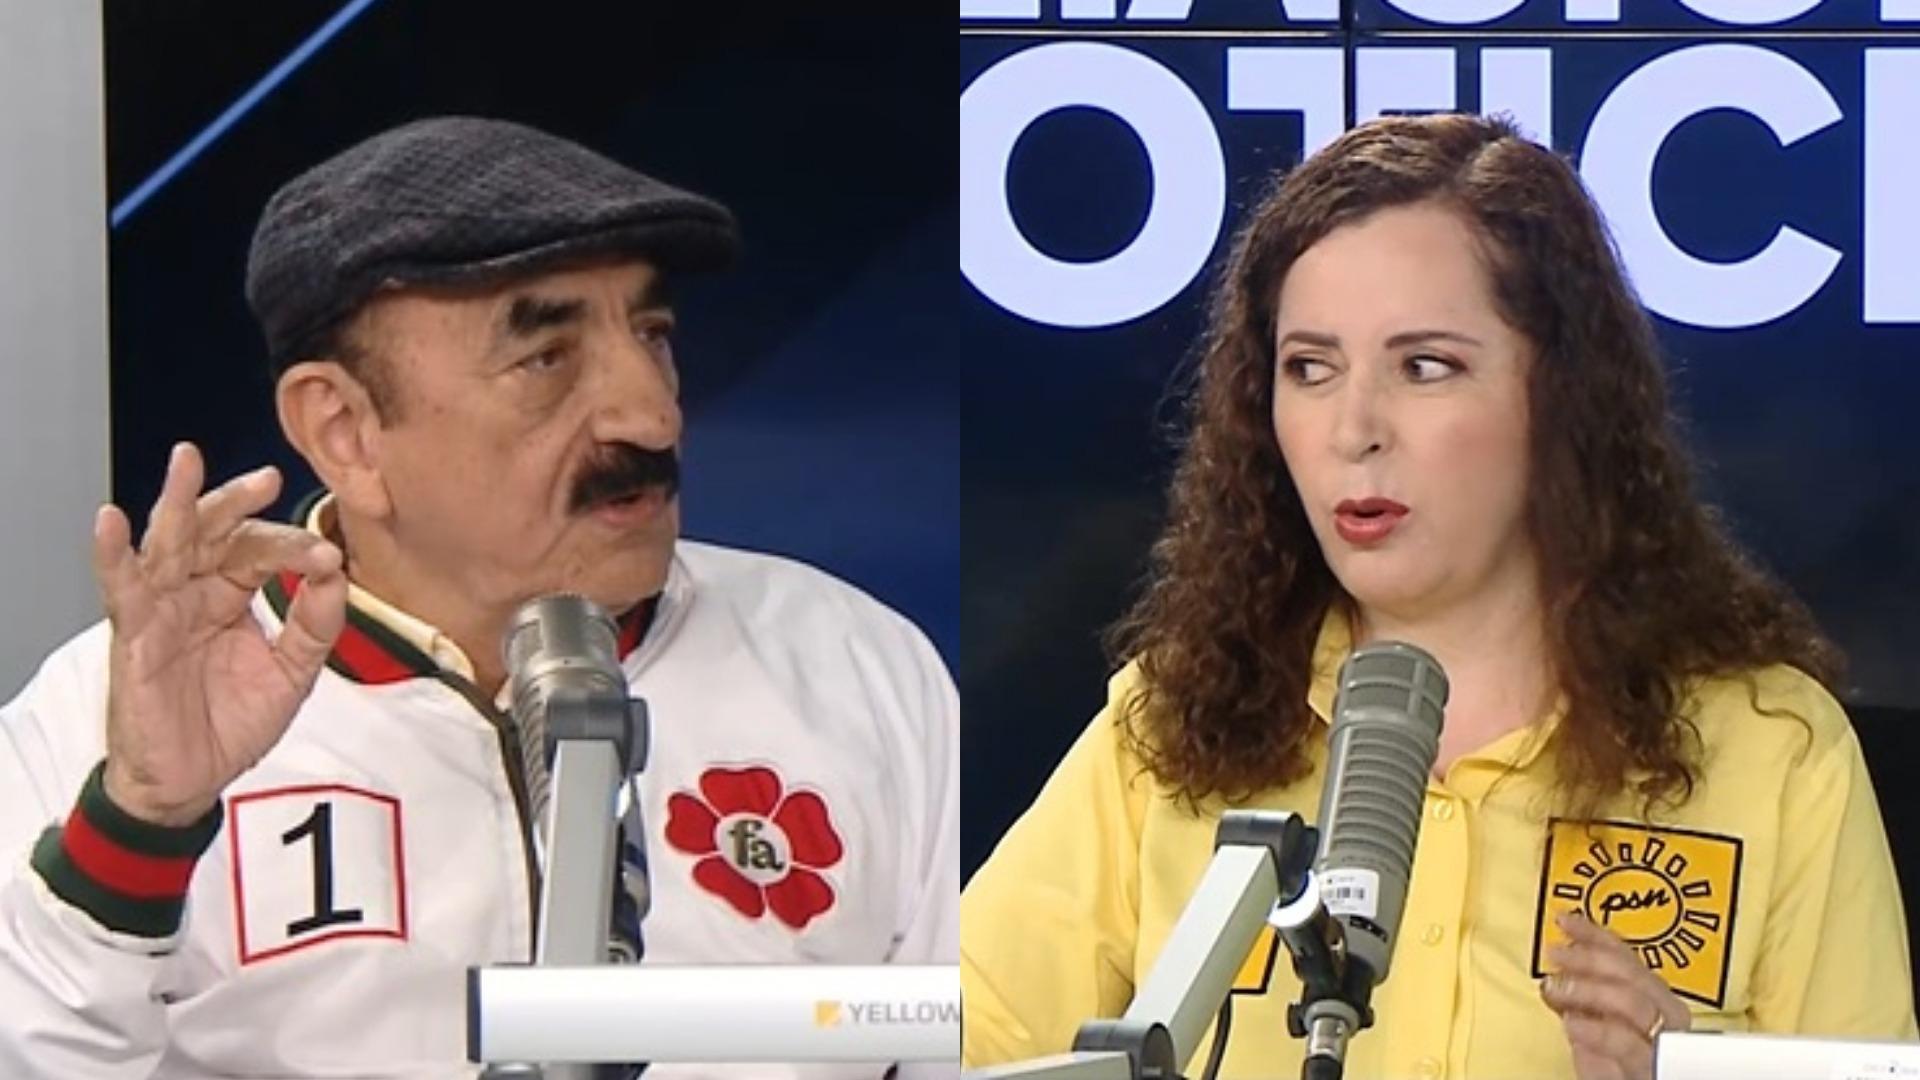 Los candidatos Enrique Fernández (Frente Amplio) y Rosa Bartra (Solidaridad Nacional) plantearon sus propuestas en  Ampliación de Noticias de Domingo.